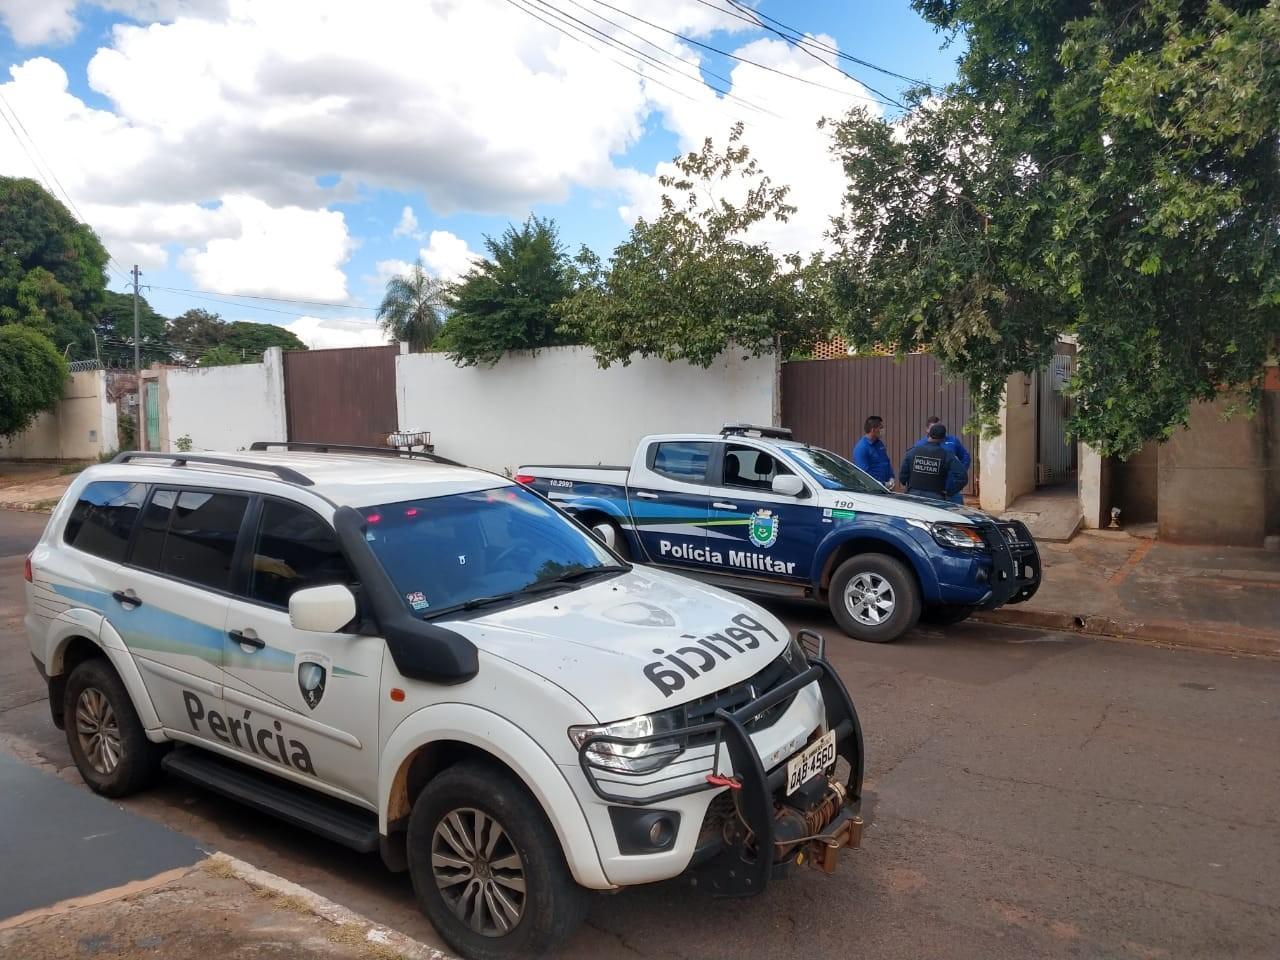 Homem mata vizinho esfaqueado após discutir sobre limpeza de vila de casas em MS, diz polícia